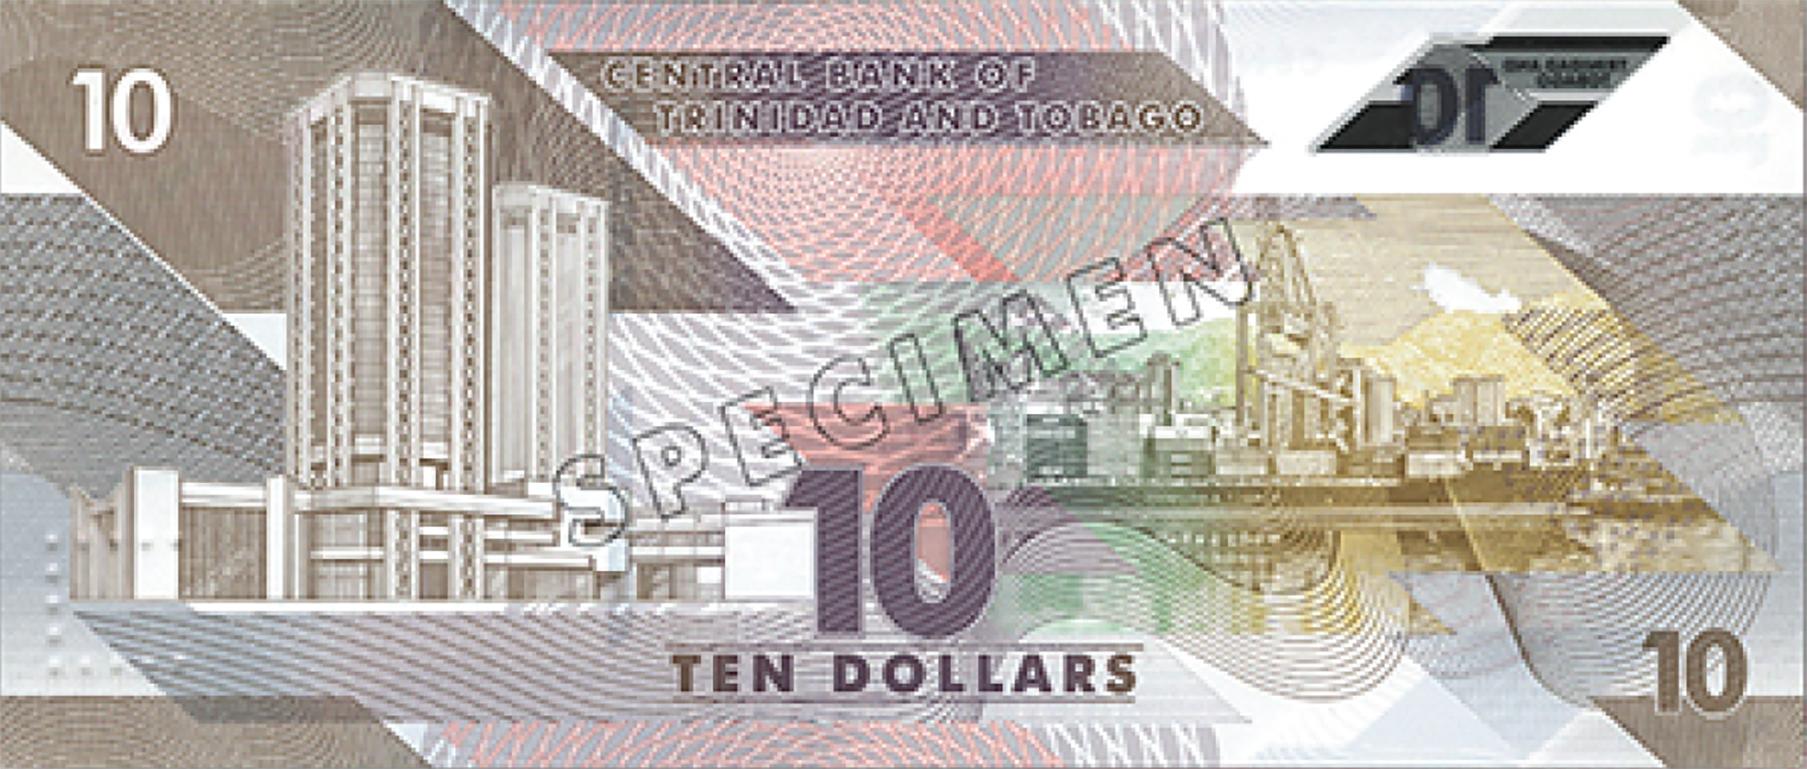 Trinidad_Tobago_CBTT_10_dollars_2019.00.